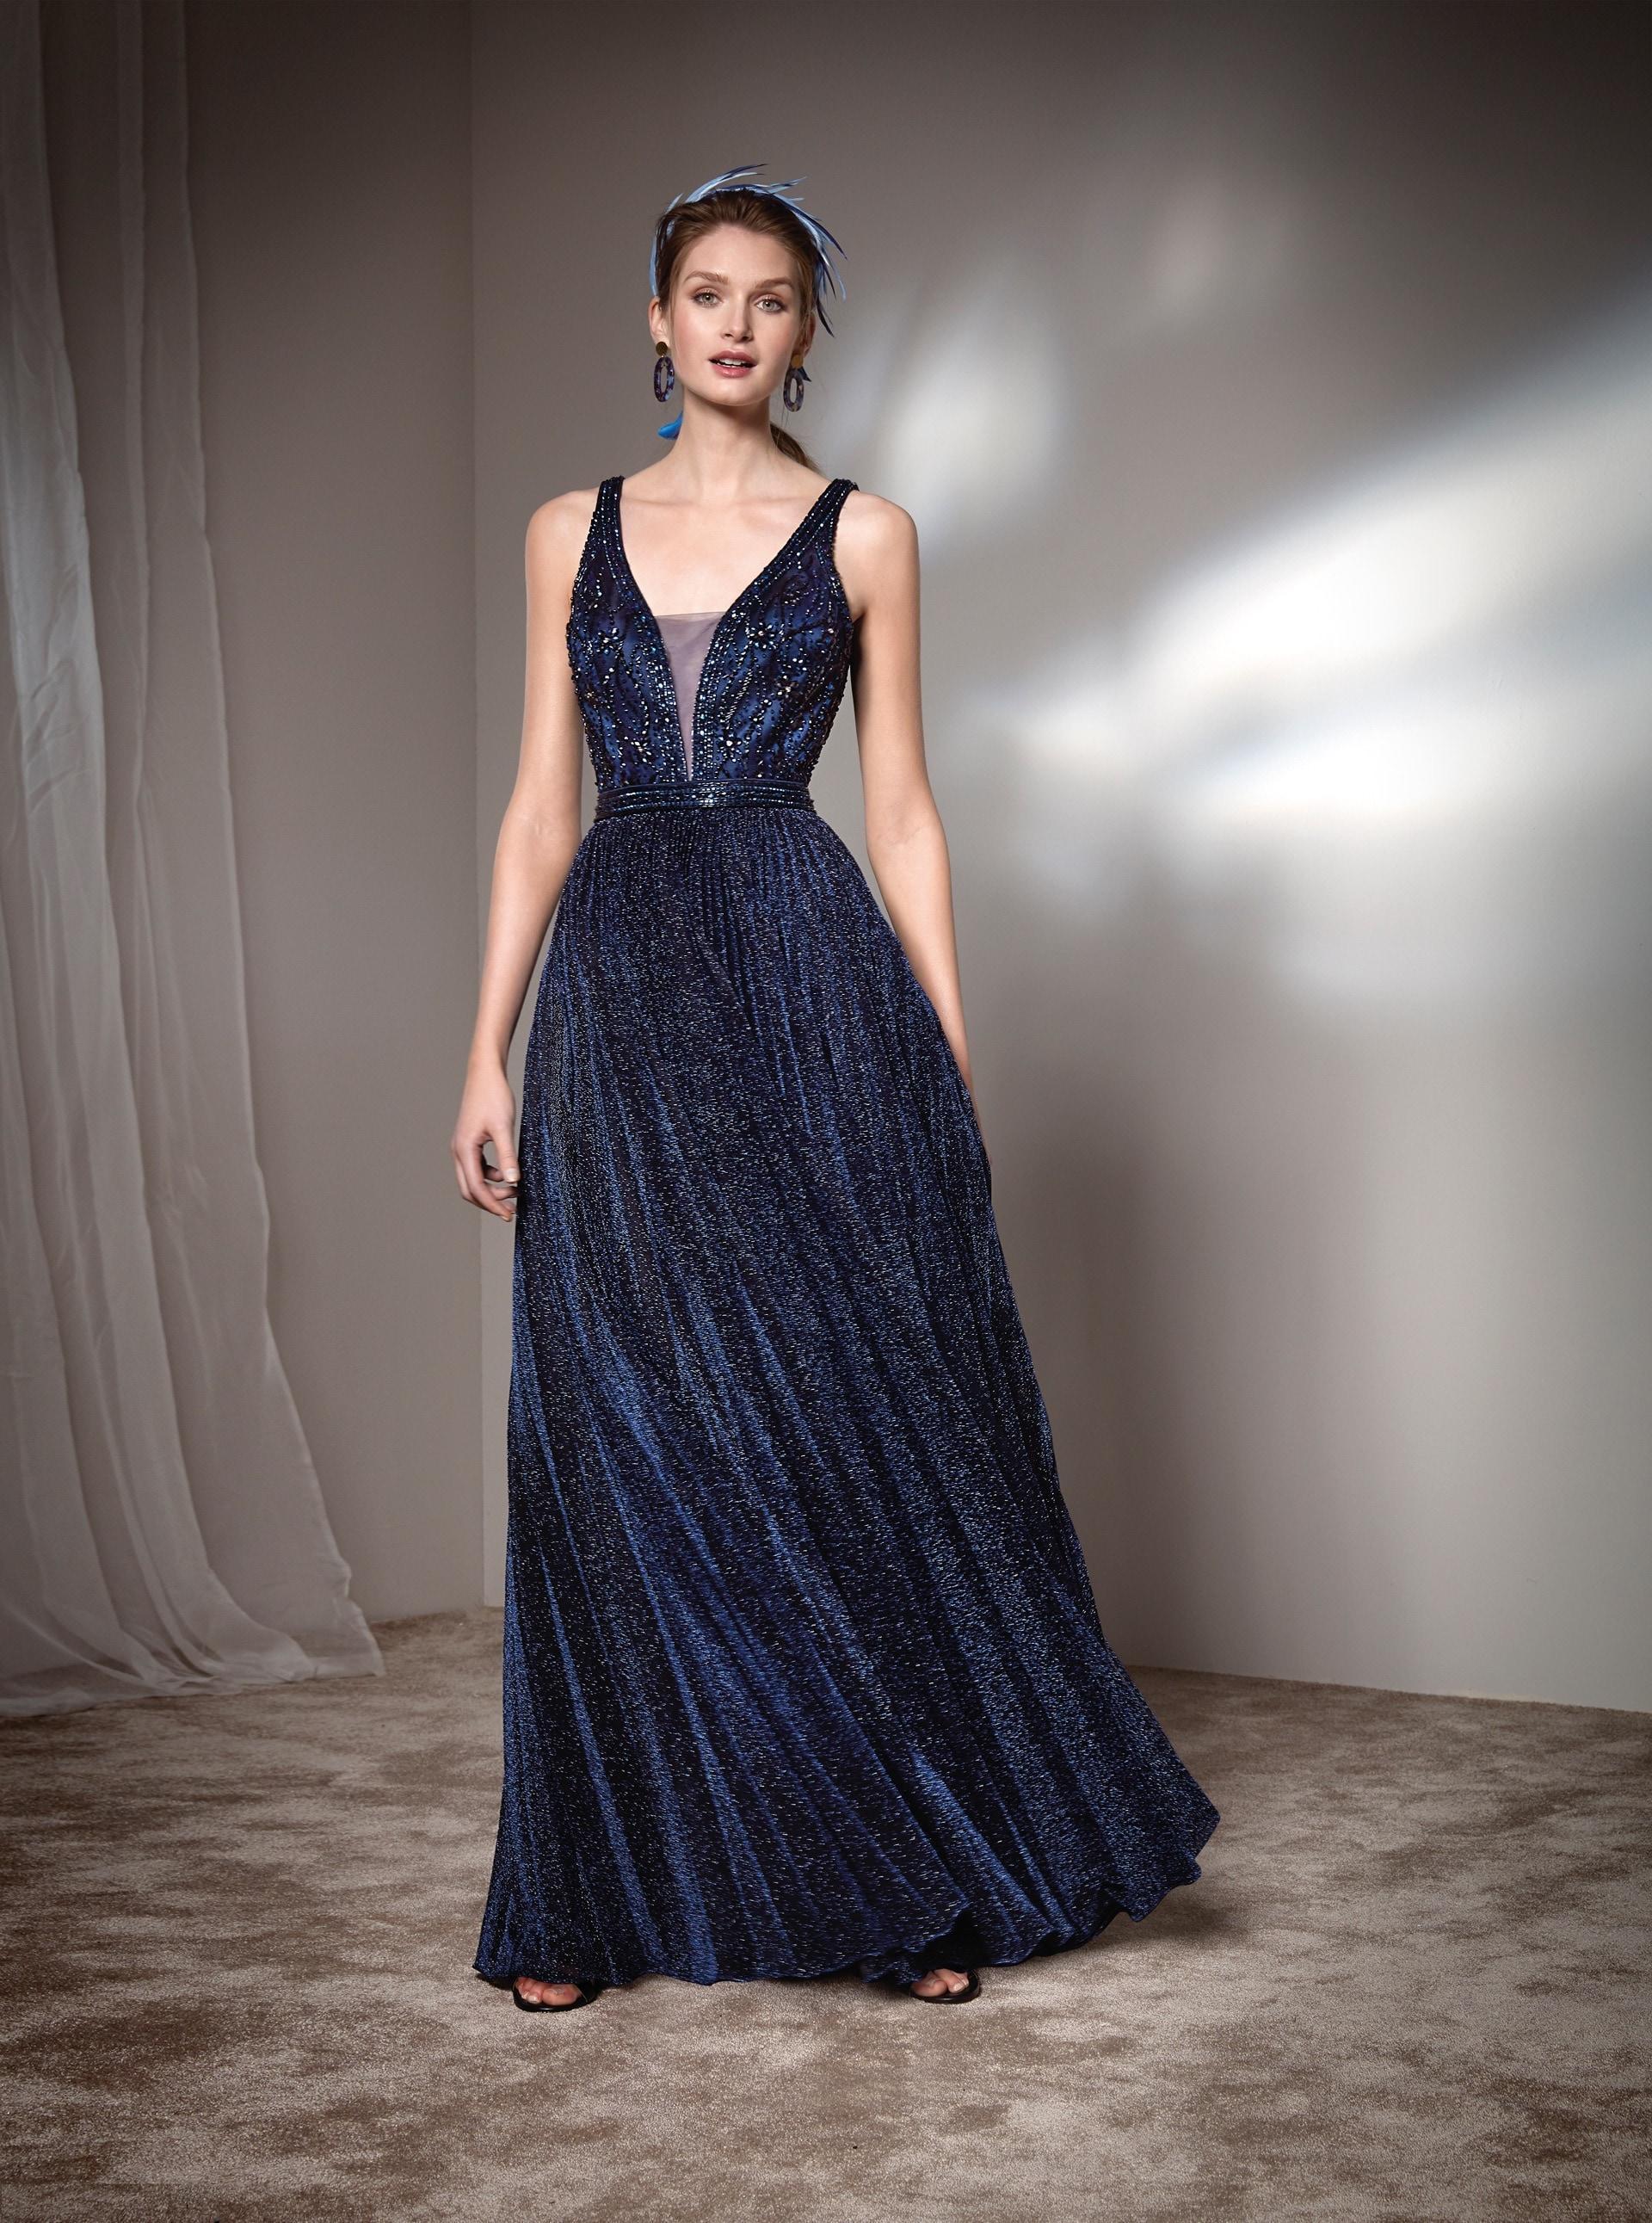 Wunderschöne Kleid Lang Blau Glitzer Fotos - Bilder und ...